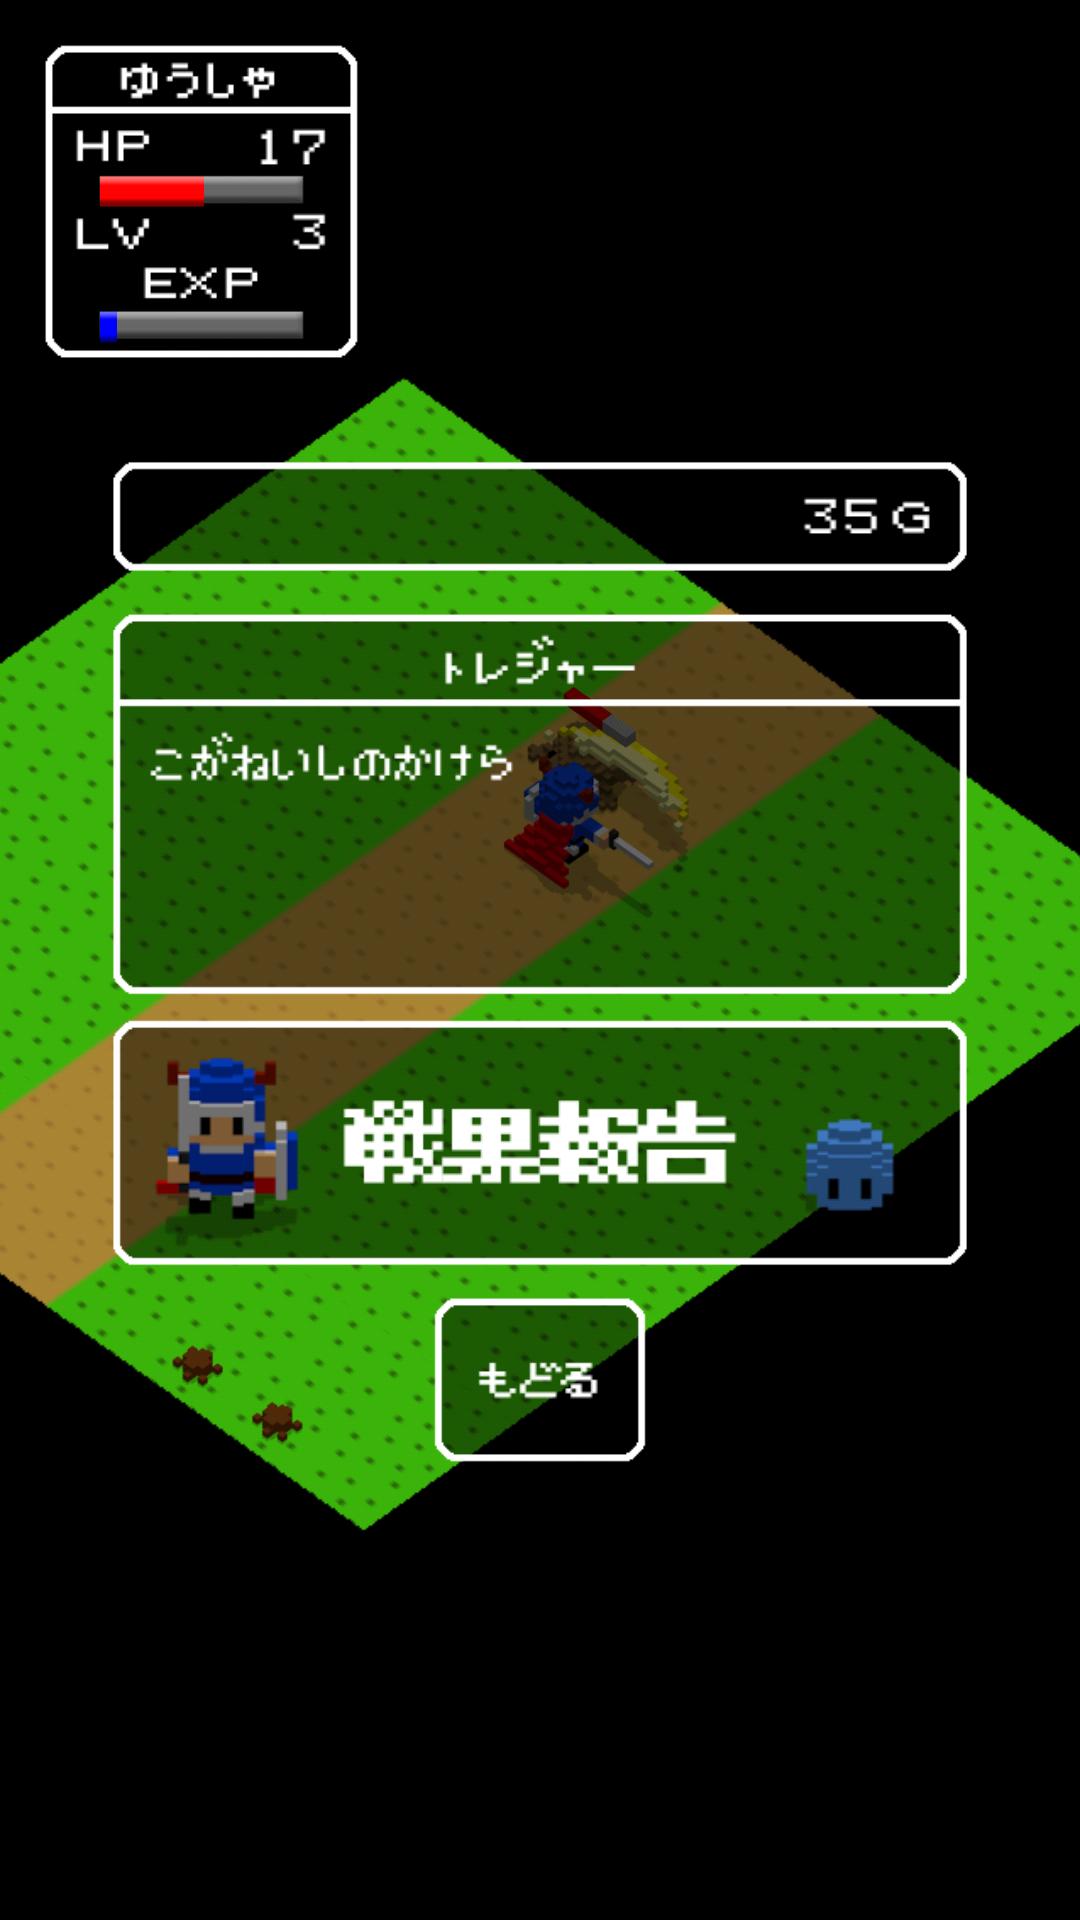 androidアプリ デーモンクエスト(Demon Quest)攻略スクリーンショット4